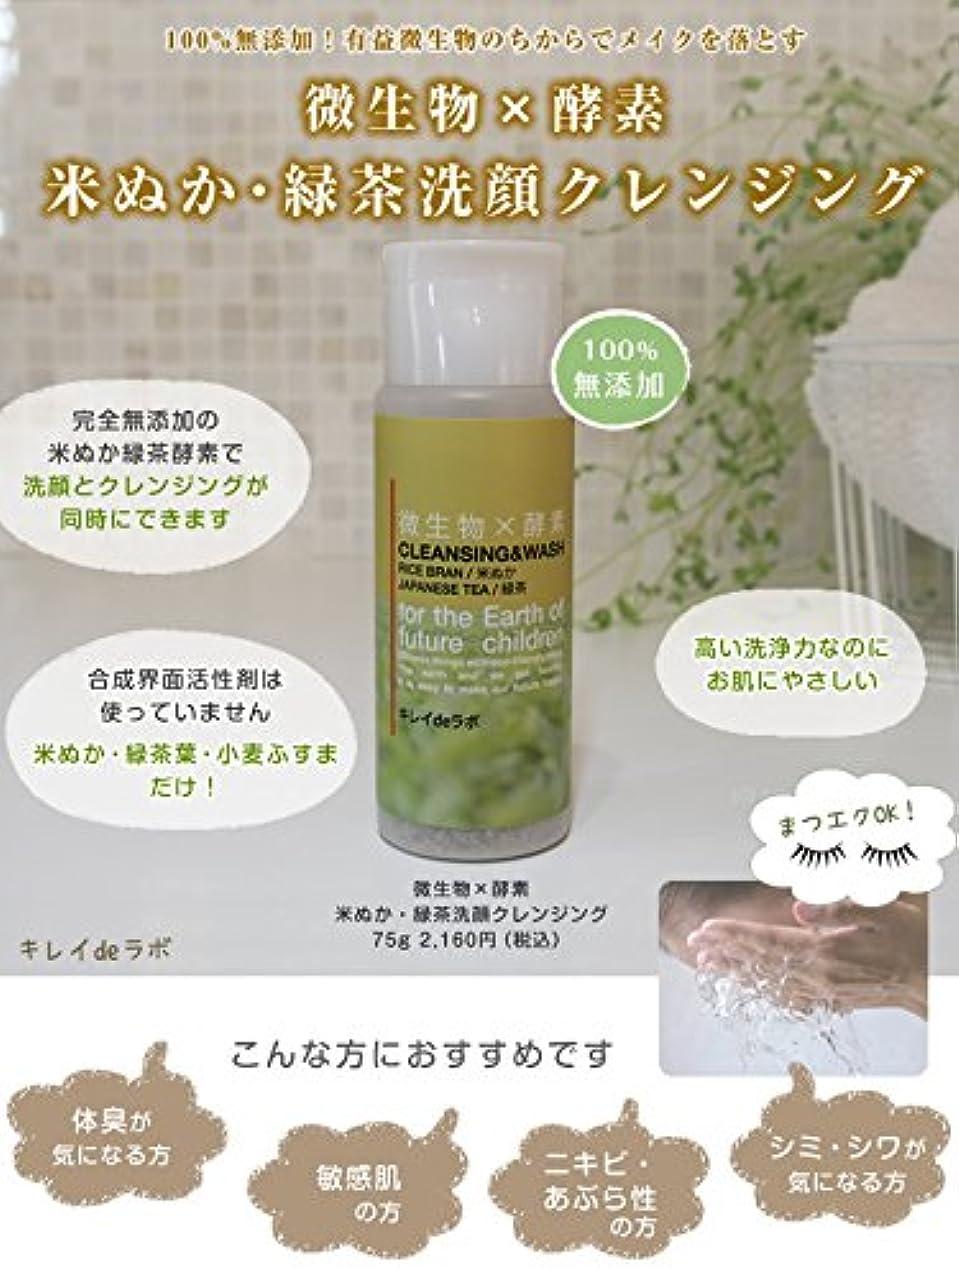 喉頭前者地元微生物×酵素 米ぬか緑茶洗顔クレンジング100%無添加 マツエクOK … (本体 75g) みんなでみらいを 米ぬか使用